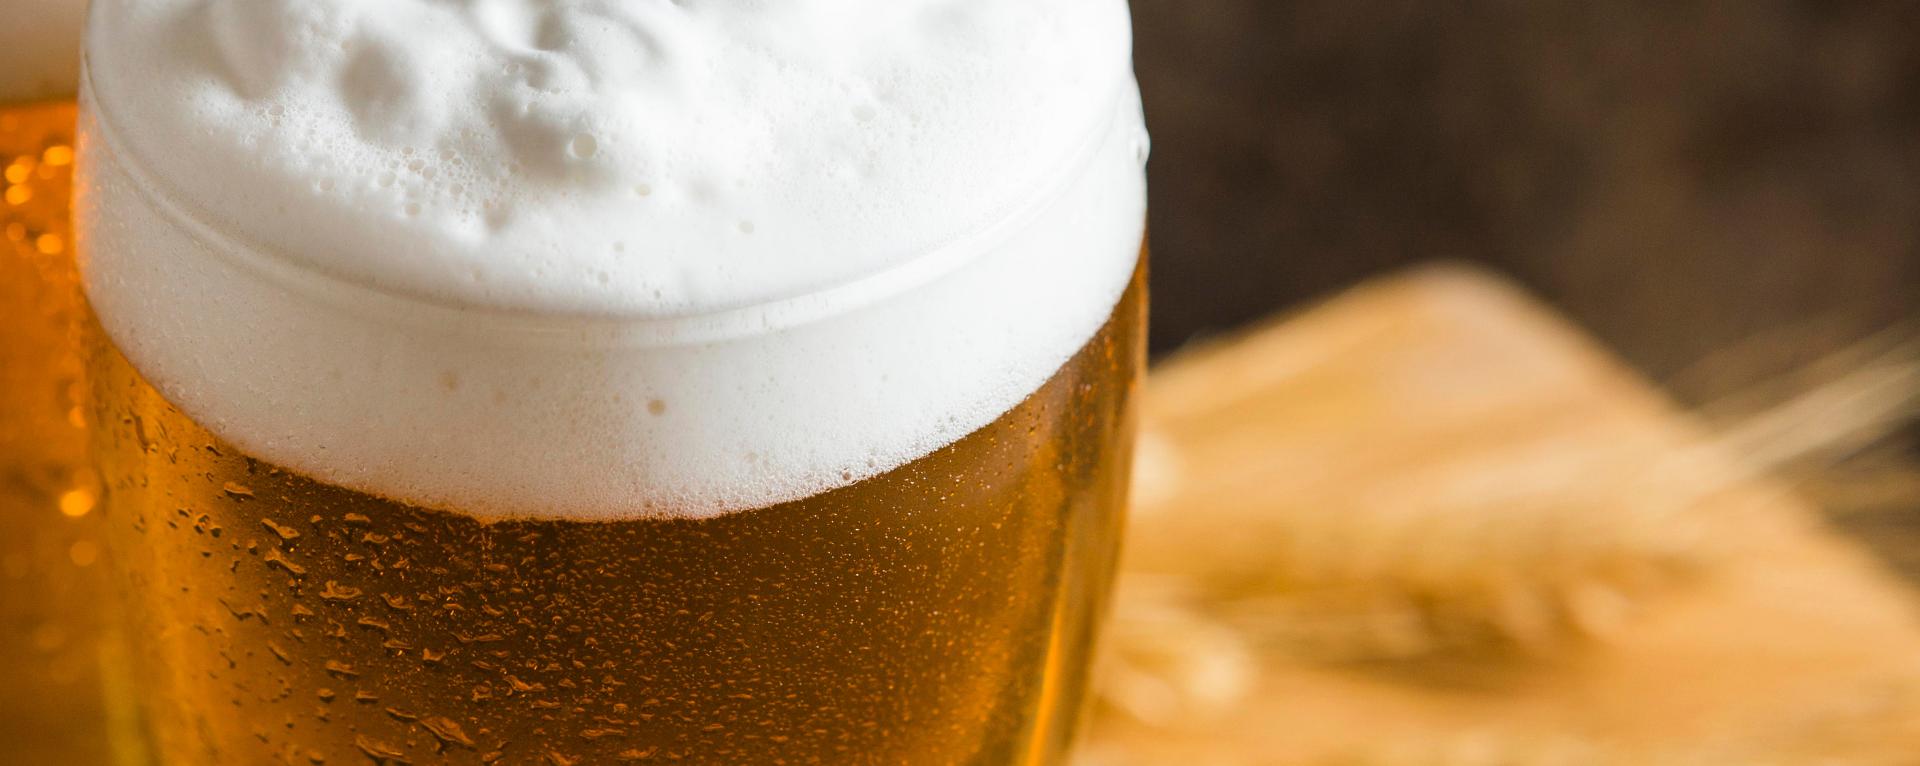 cerveza con ingredientes naturales